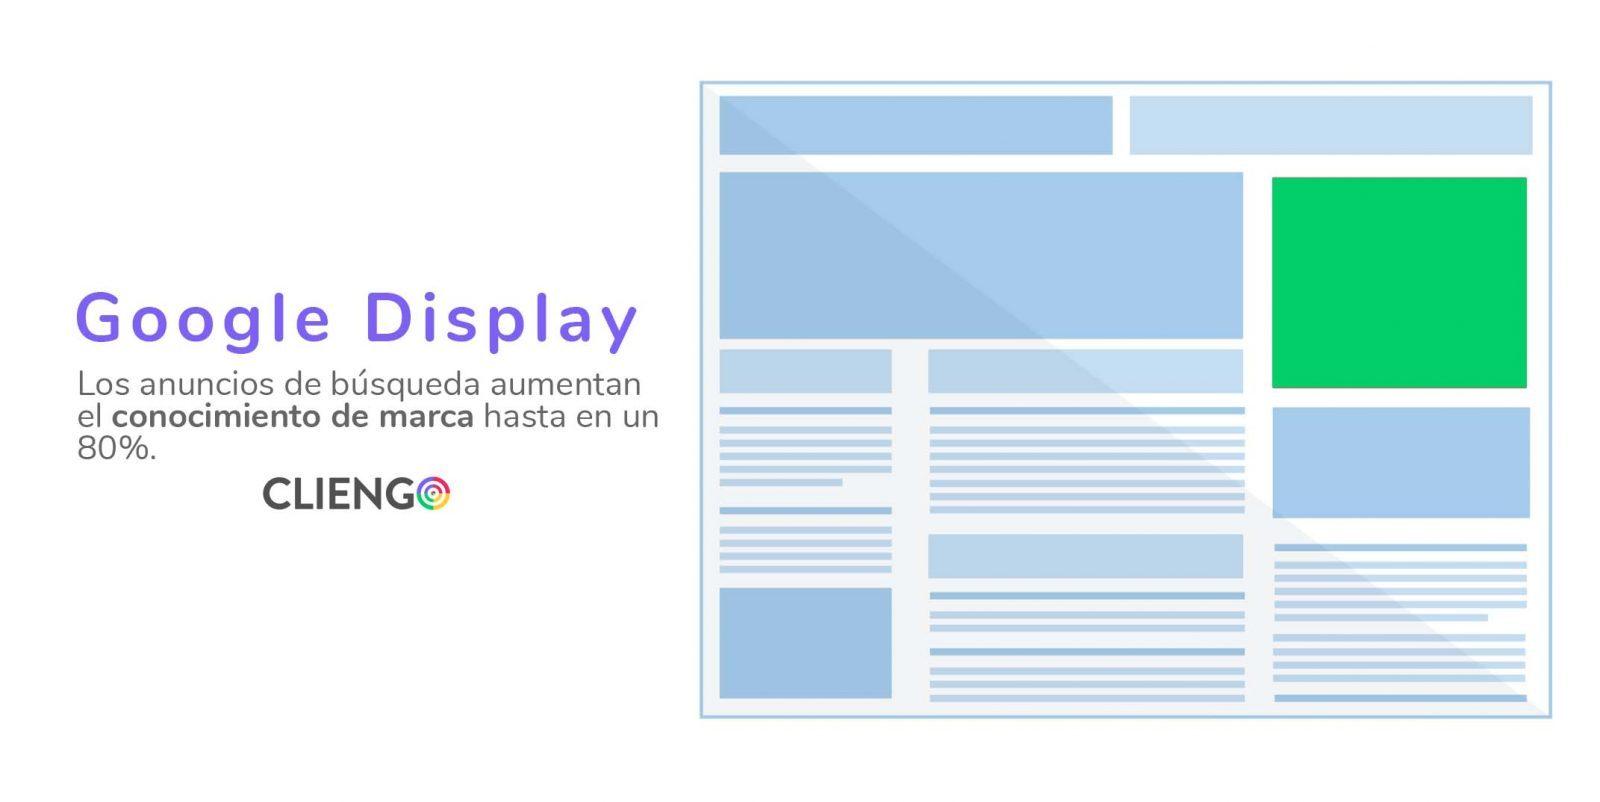 Google Display - Publicidad en Google (Estadística)